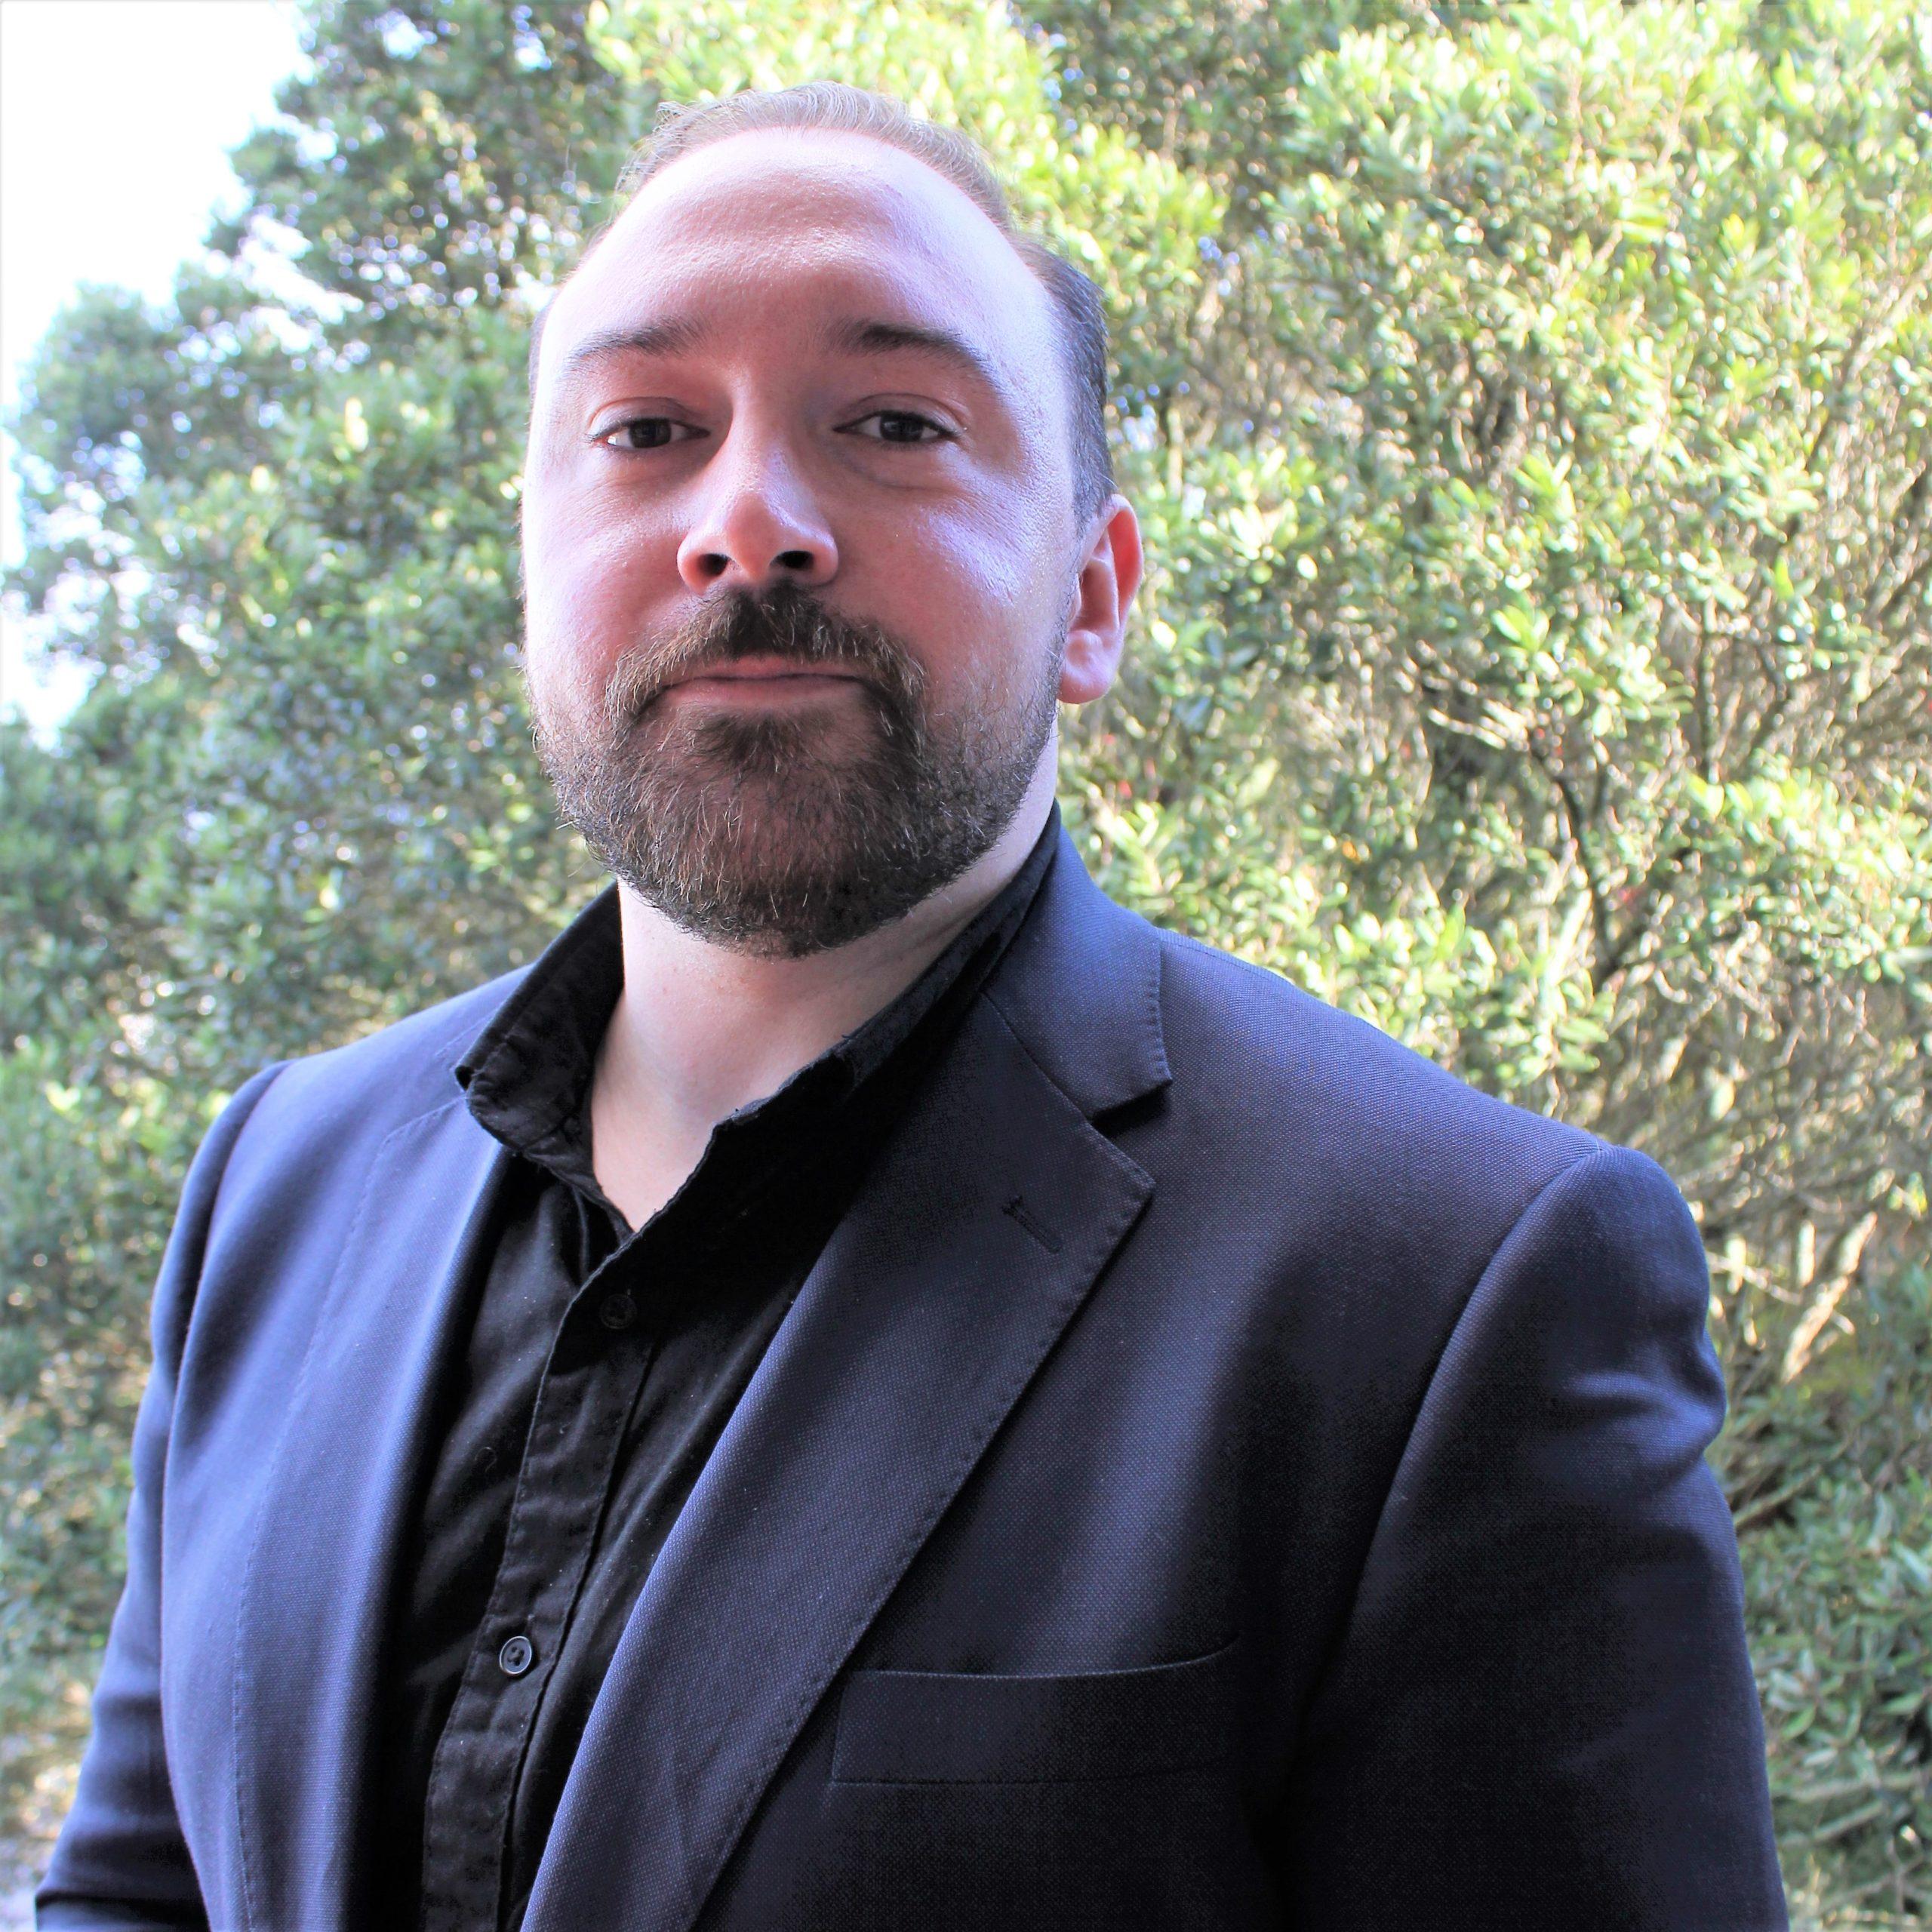 Scott Turnbull